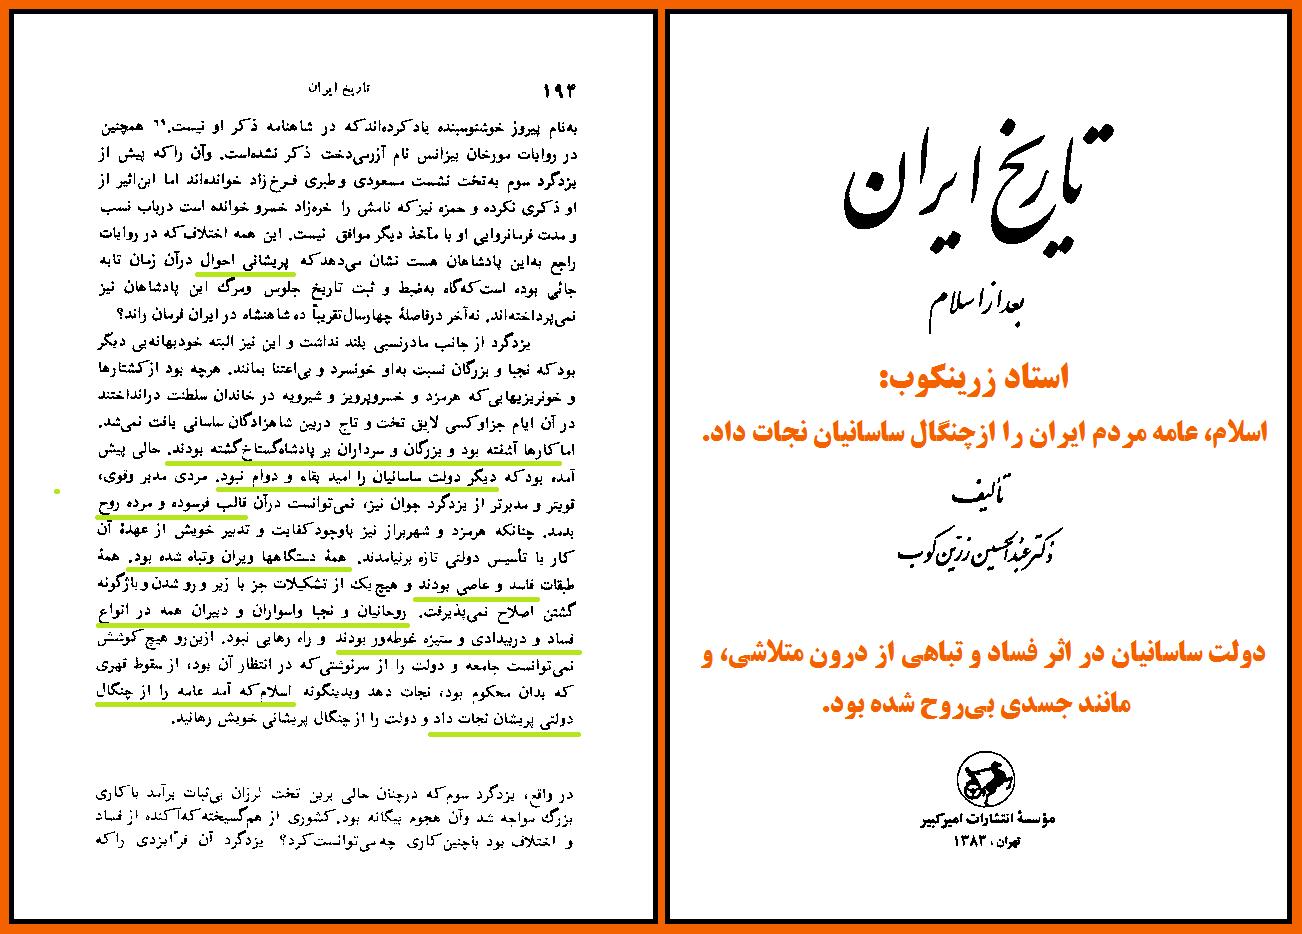 استاد زرینکوب: اسلام، مردم ایران را از چنگال ساسانیان نجات داد